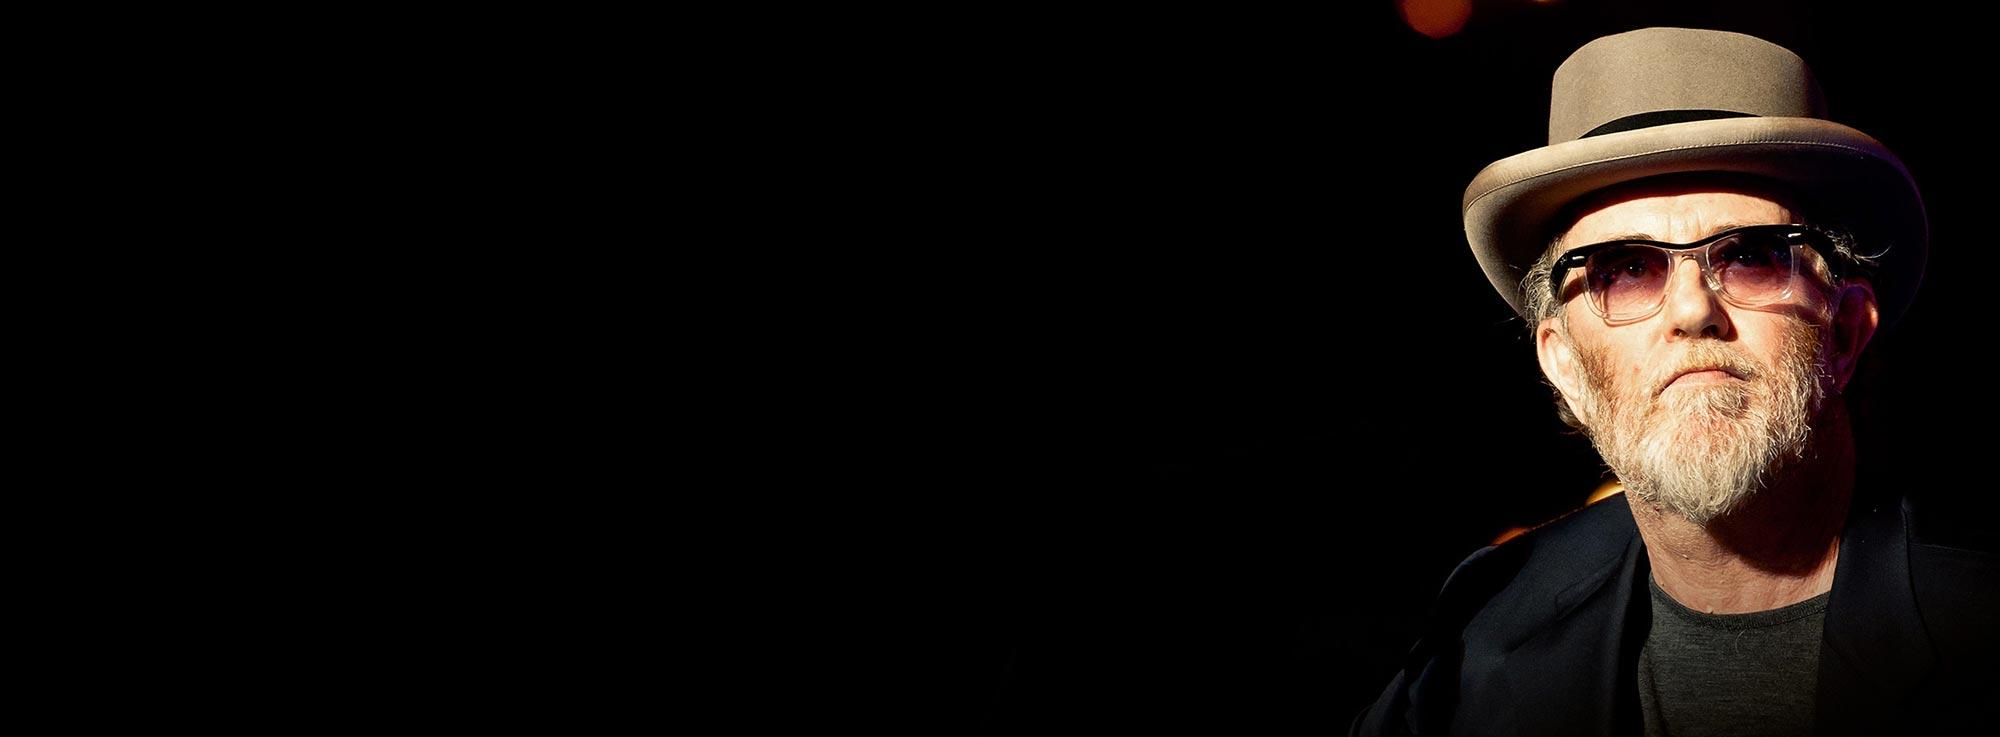 Trani: Francesco de Gregori - Tour 2018